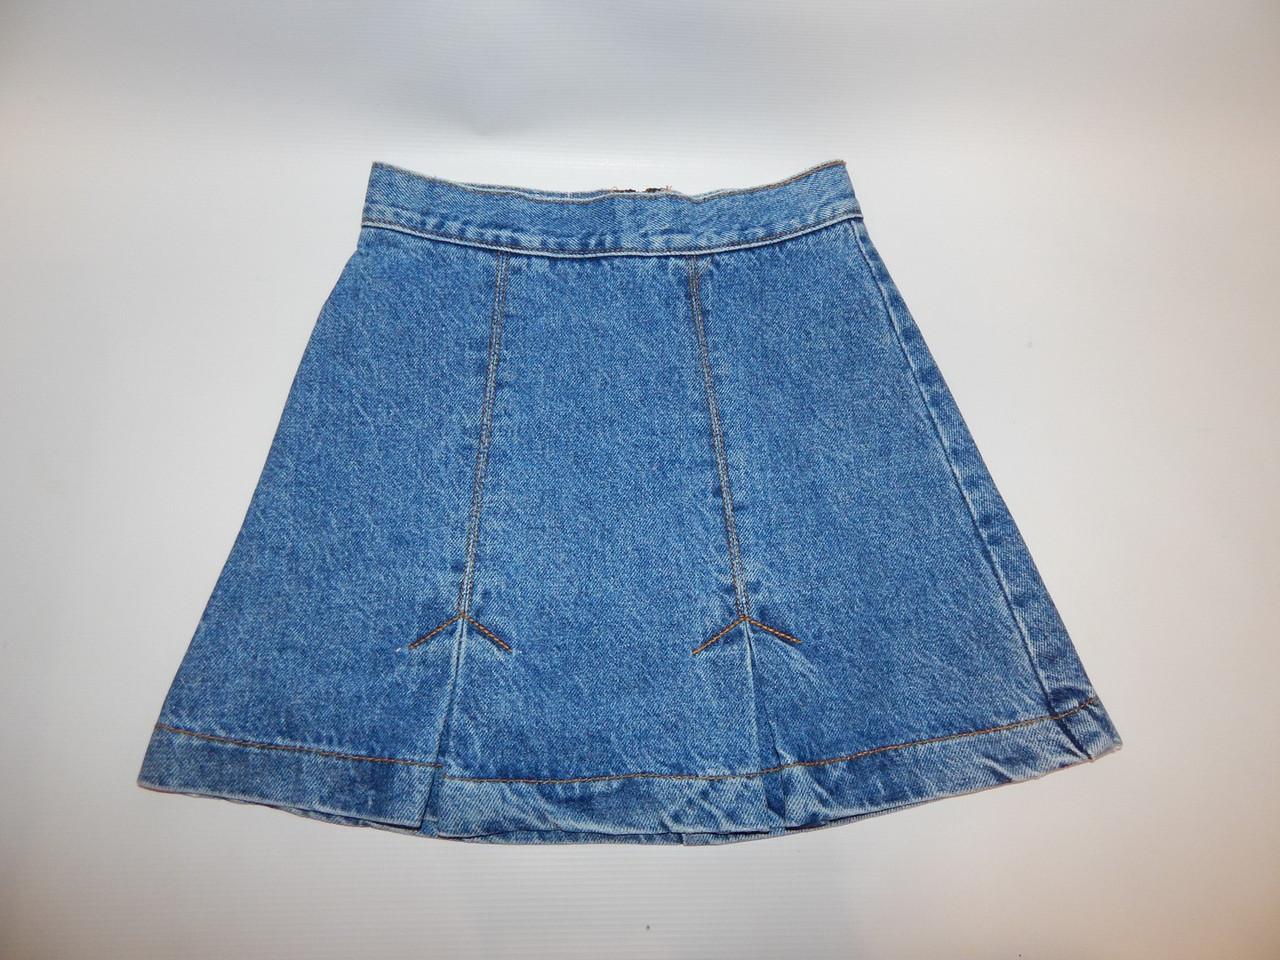 Спідниця джинсова дитяча BONGO ,зріст 134-140 див., 079КР